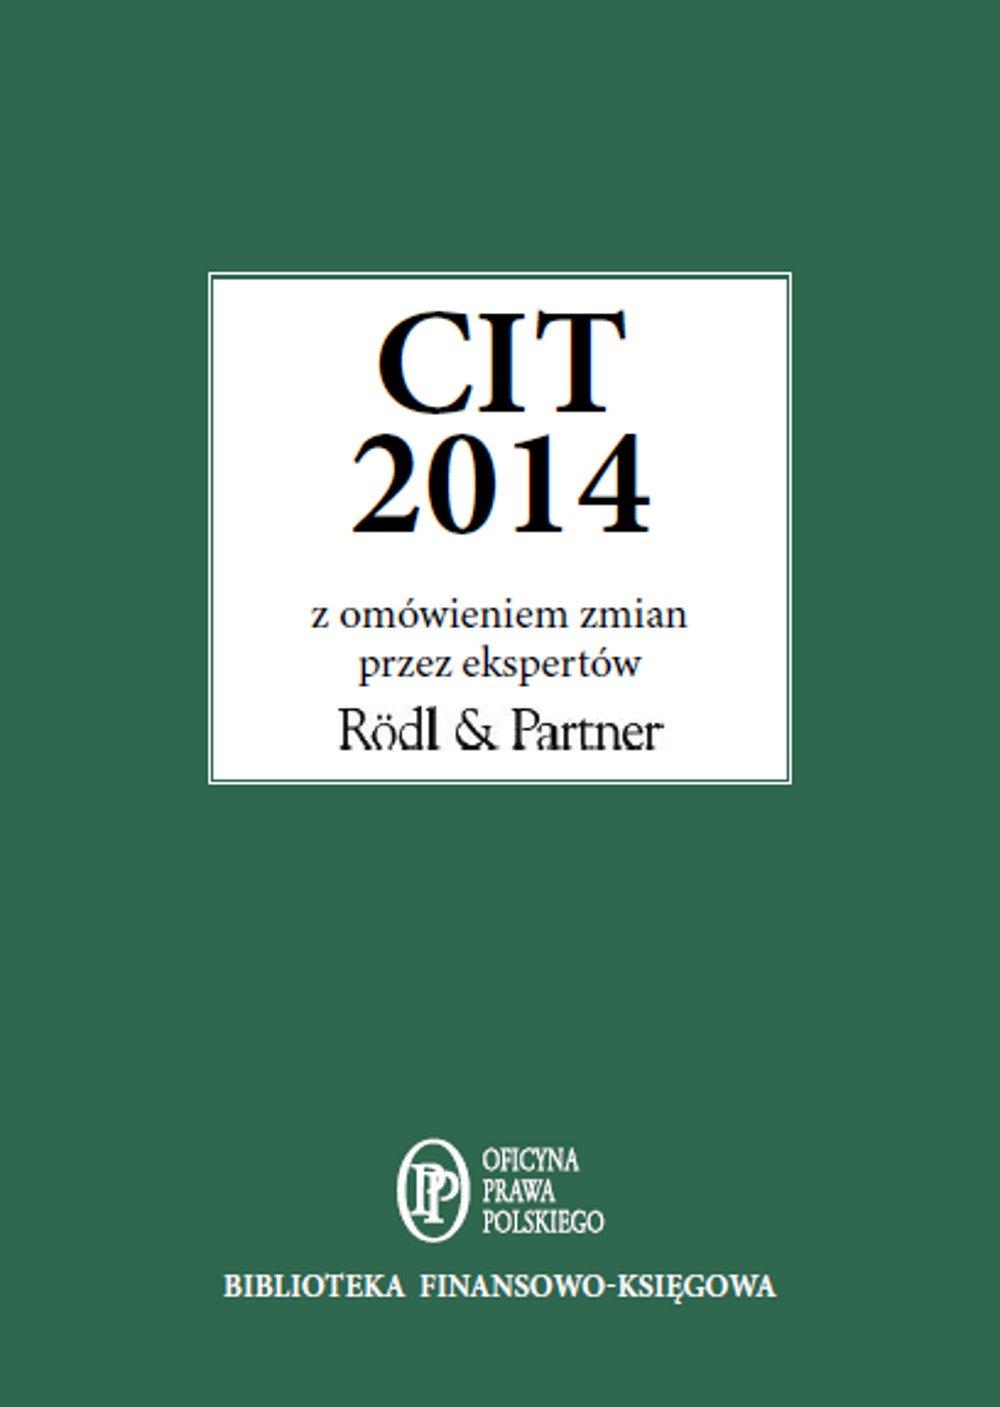 CIT 2014 z omówieniem ekspertów Rödl and Partner - Ebook (Książka EPUB) do pobrania w formacie EPUB